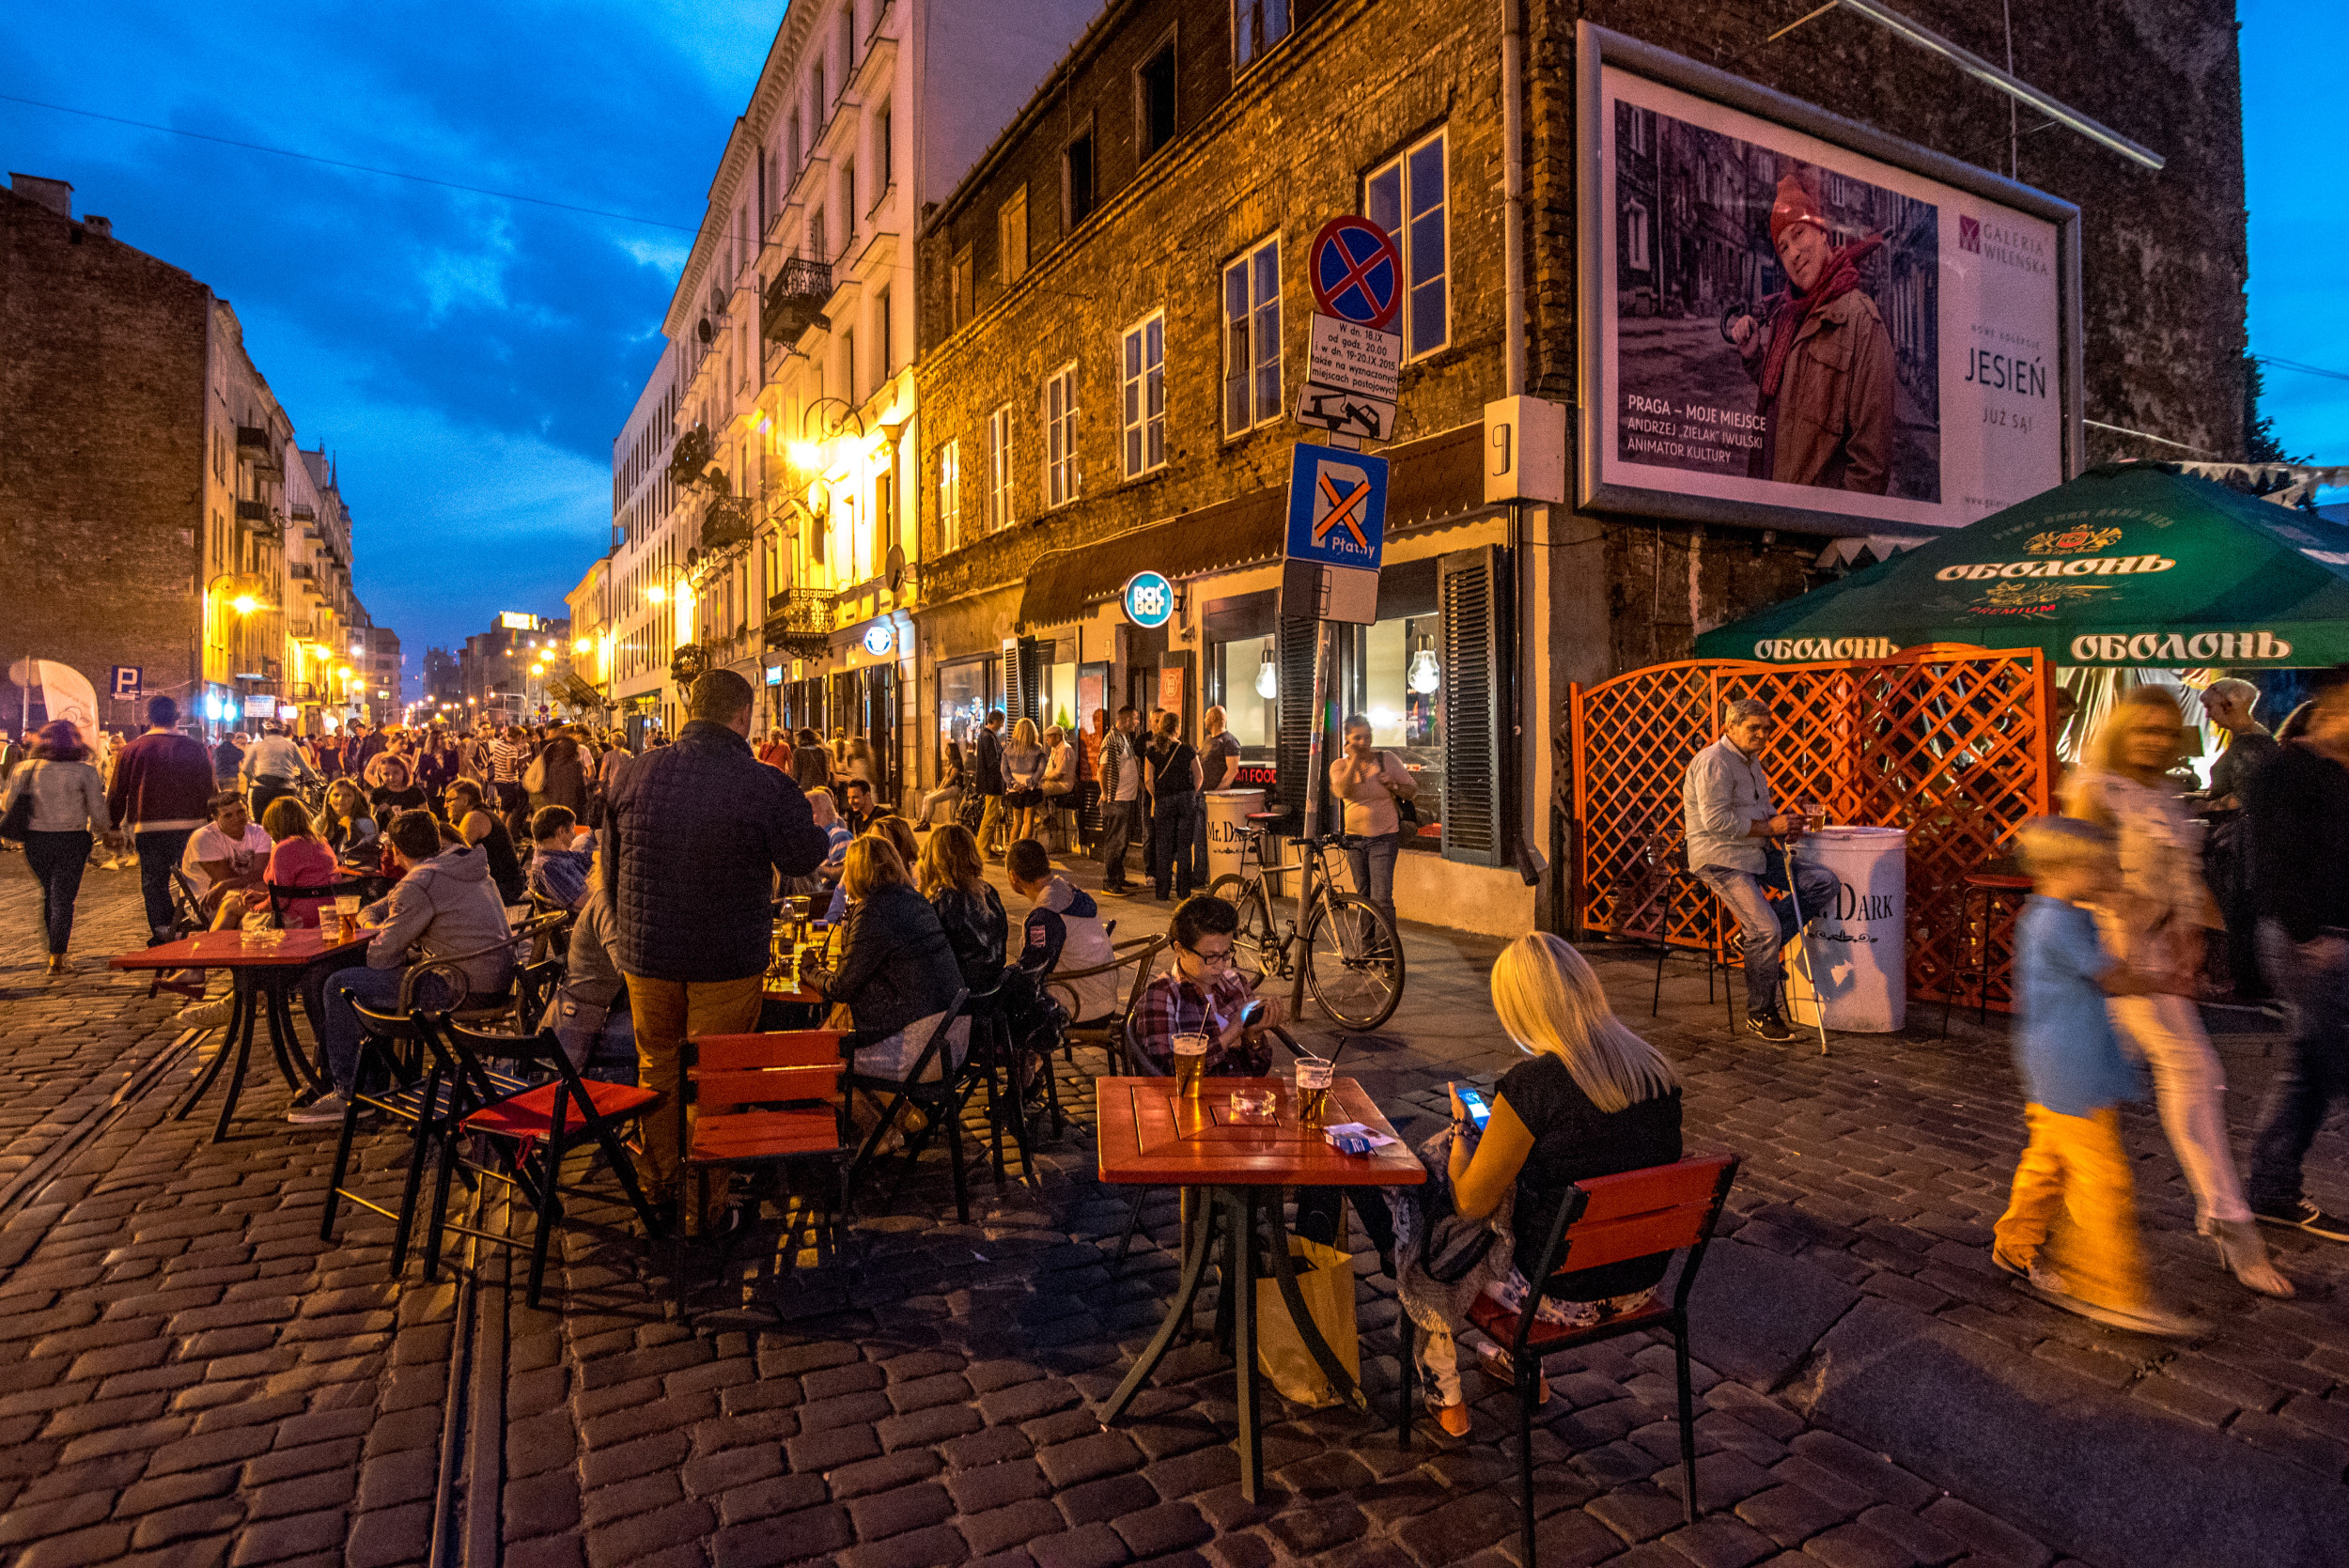 Turystyka wWarszawie wIII kwartale 2020 r.